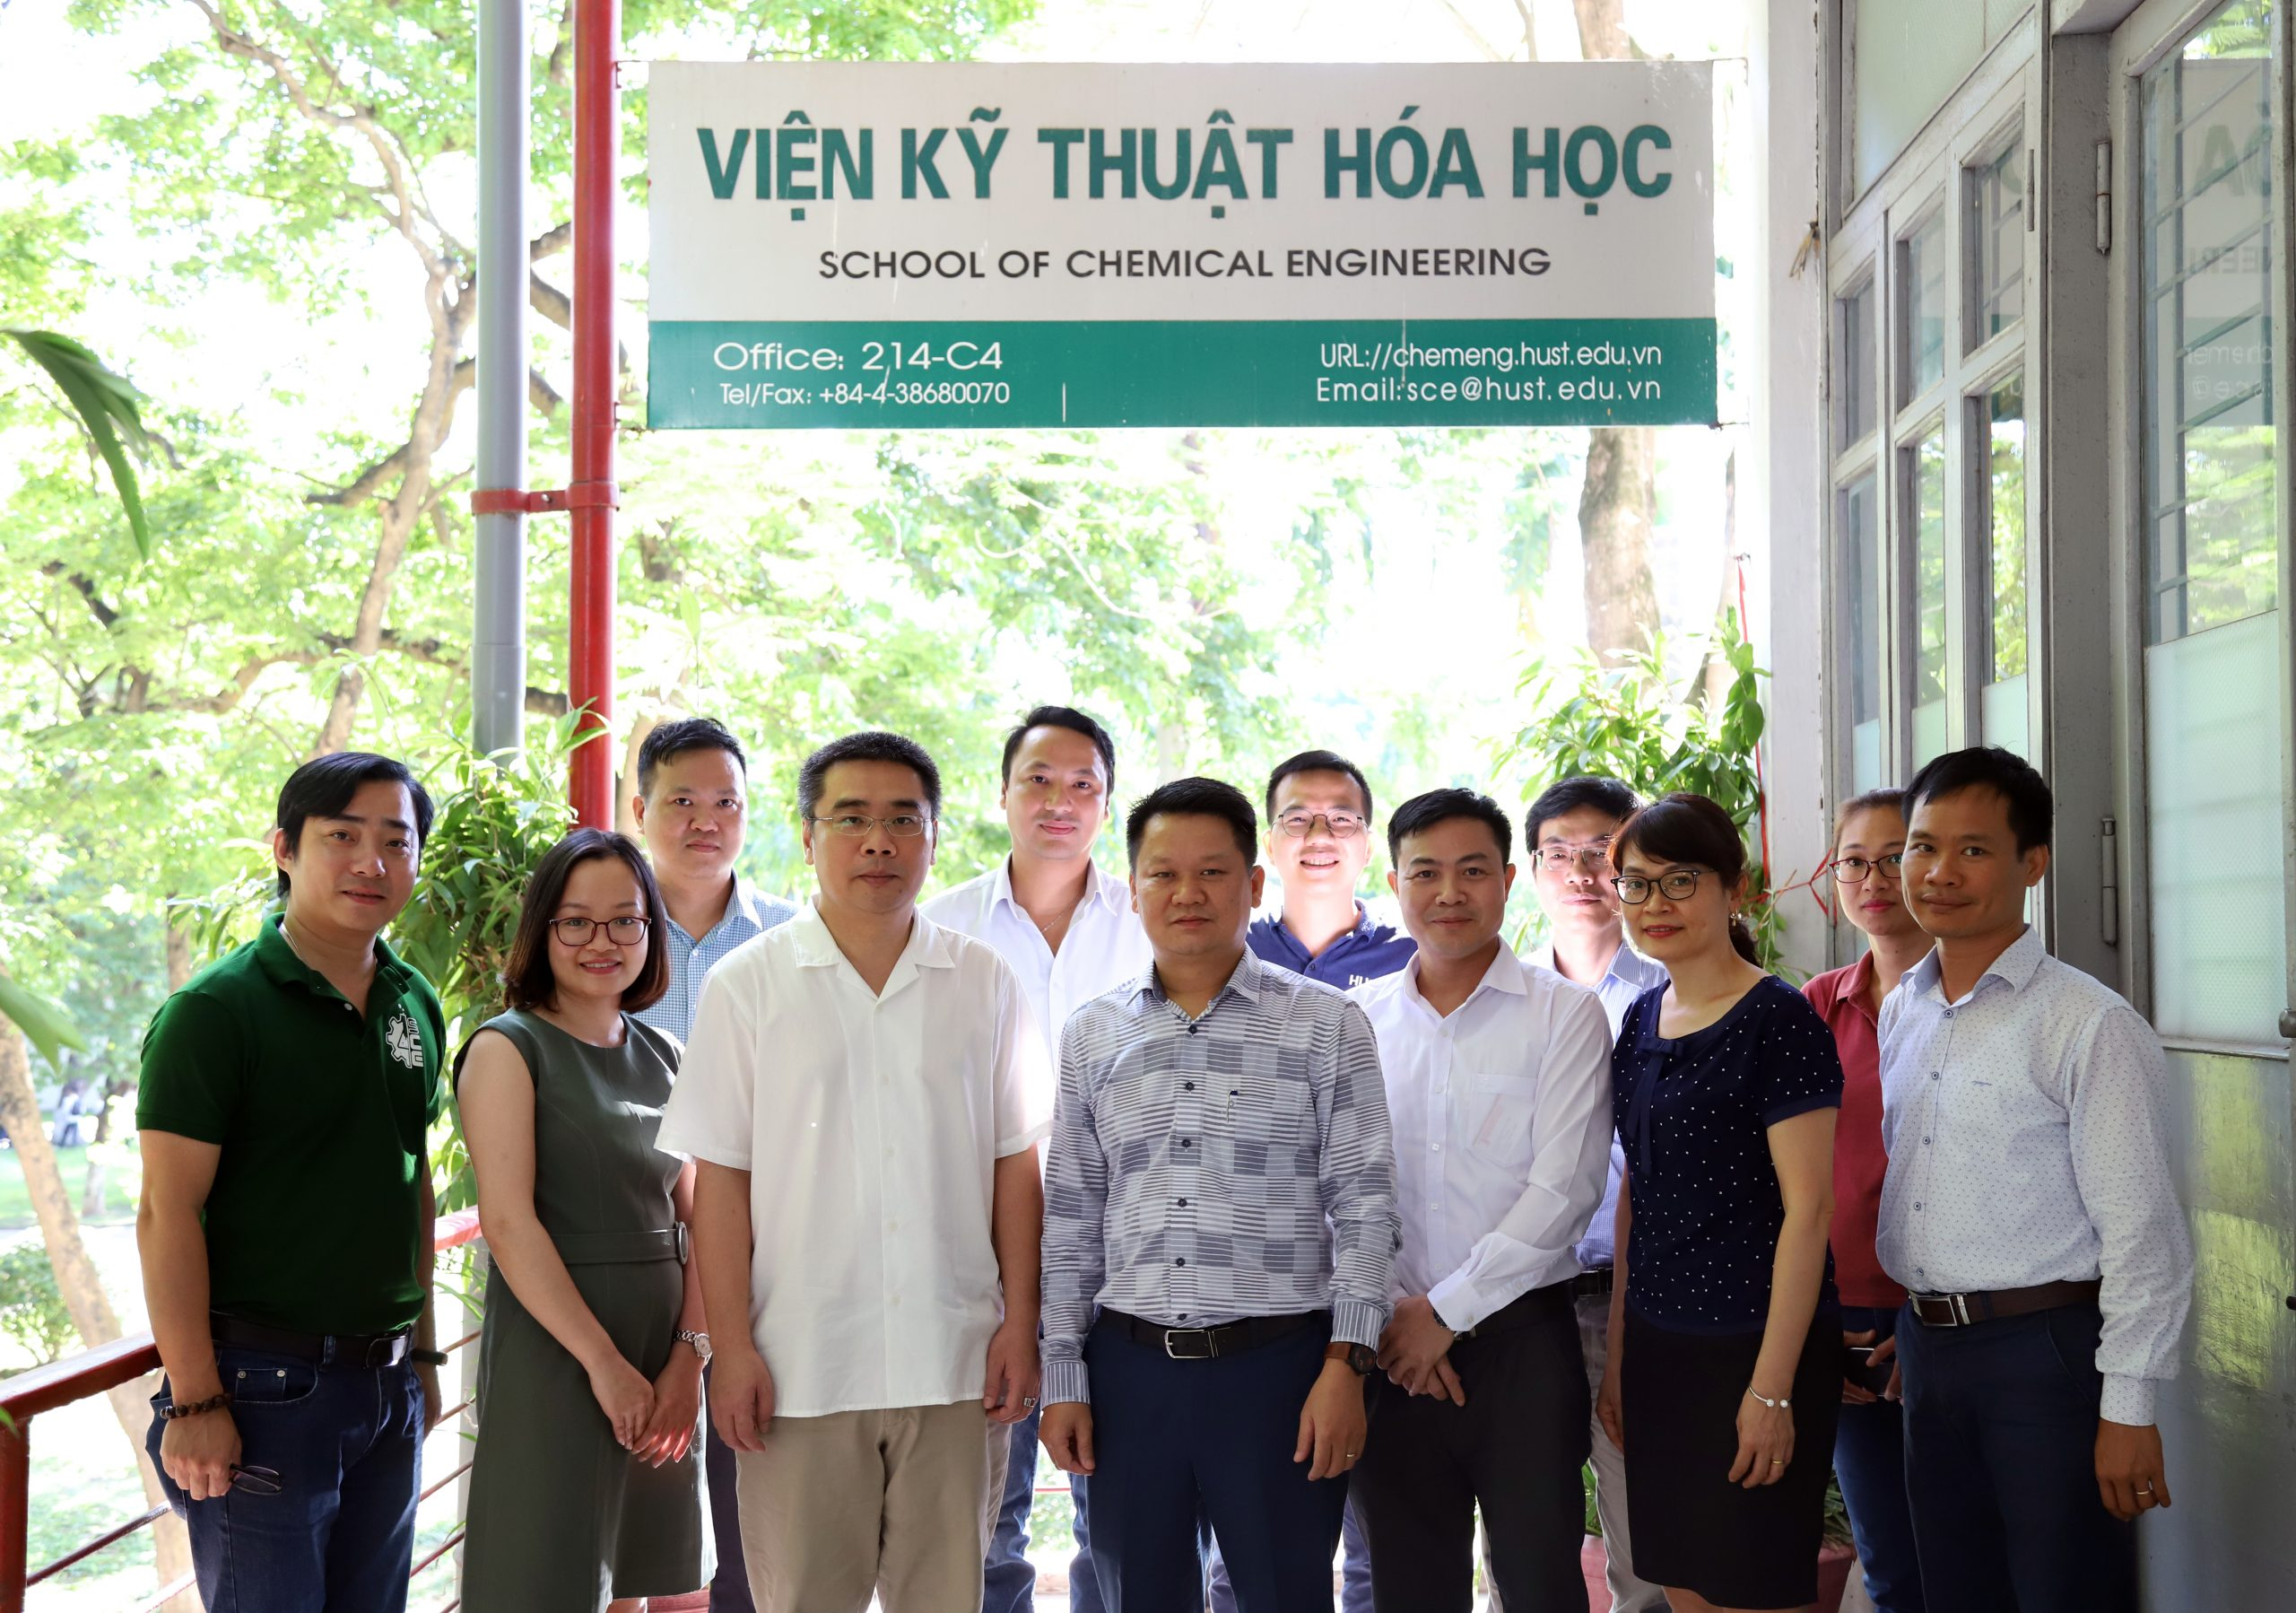 Tân Á Đại Thành ký thỏa thuận hợp tác với Viện kỹ thuật hóa học – Trường ĐH Bách Khoa Hà Nội